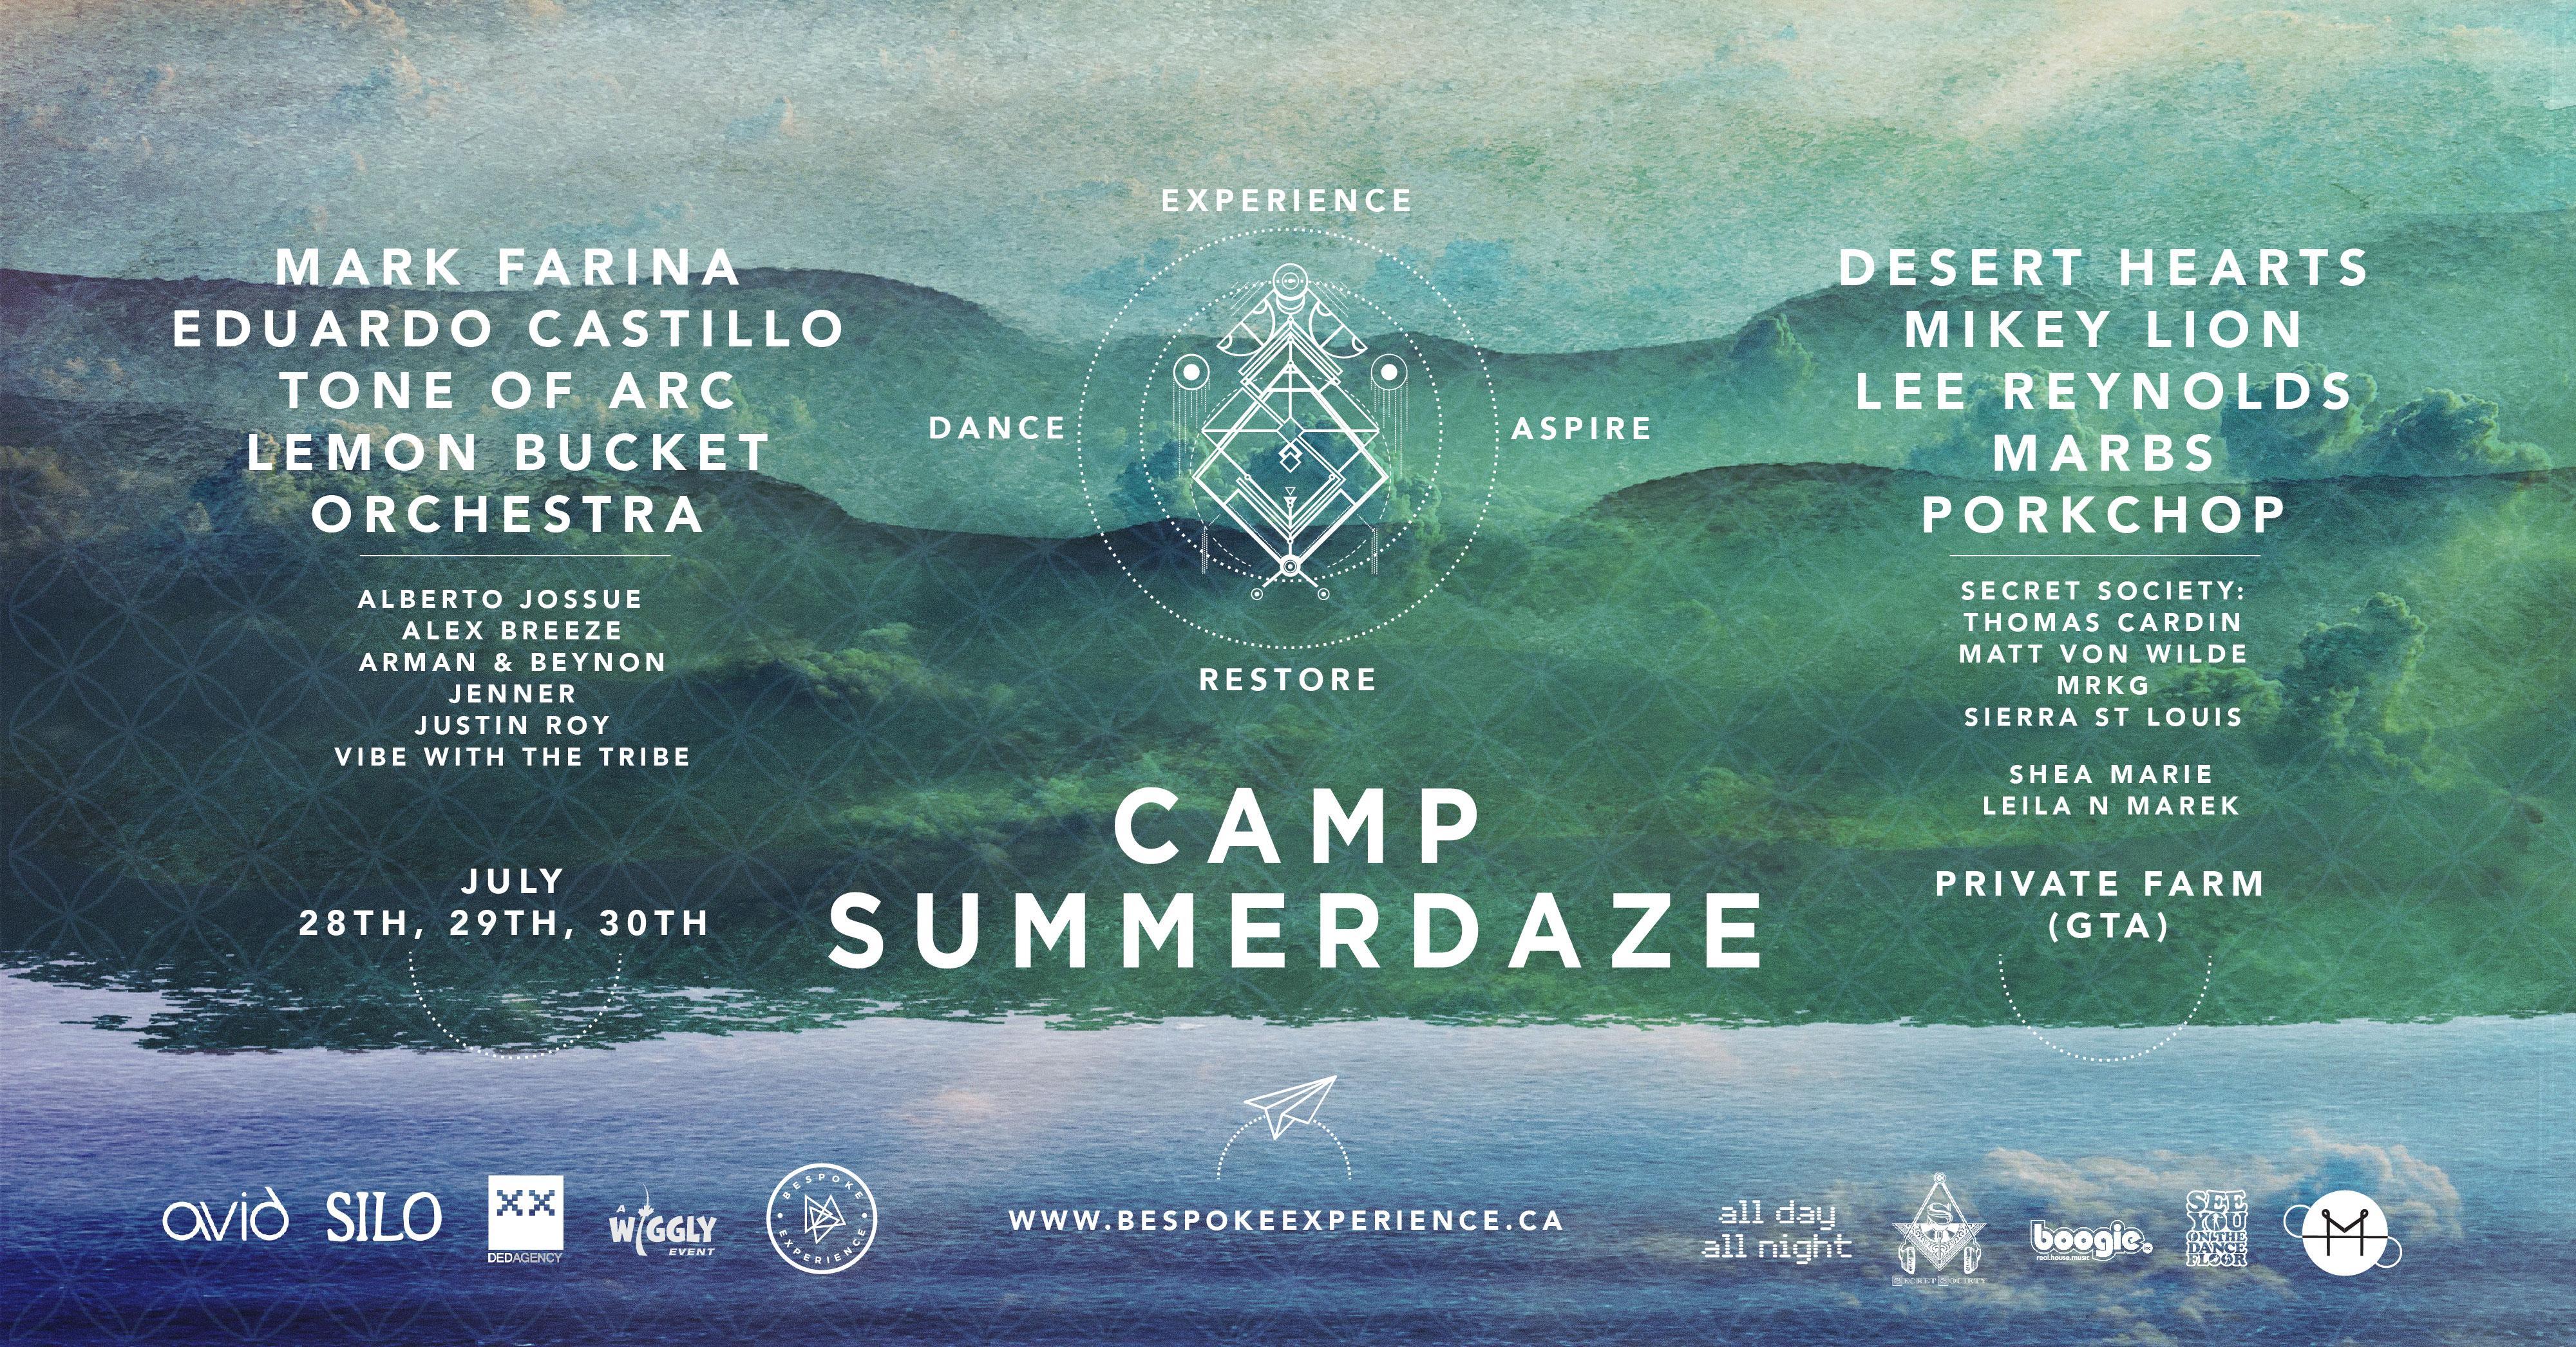 Camp Summerdaze 2017